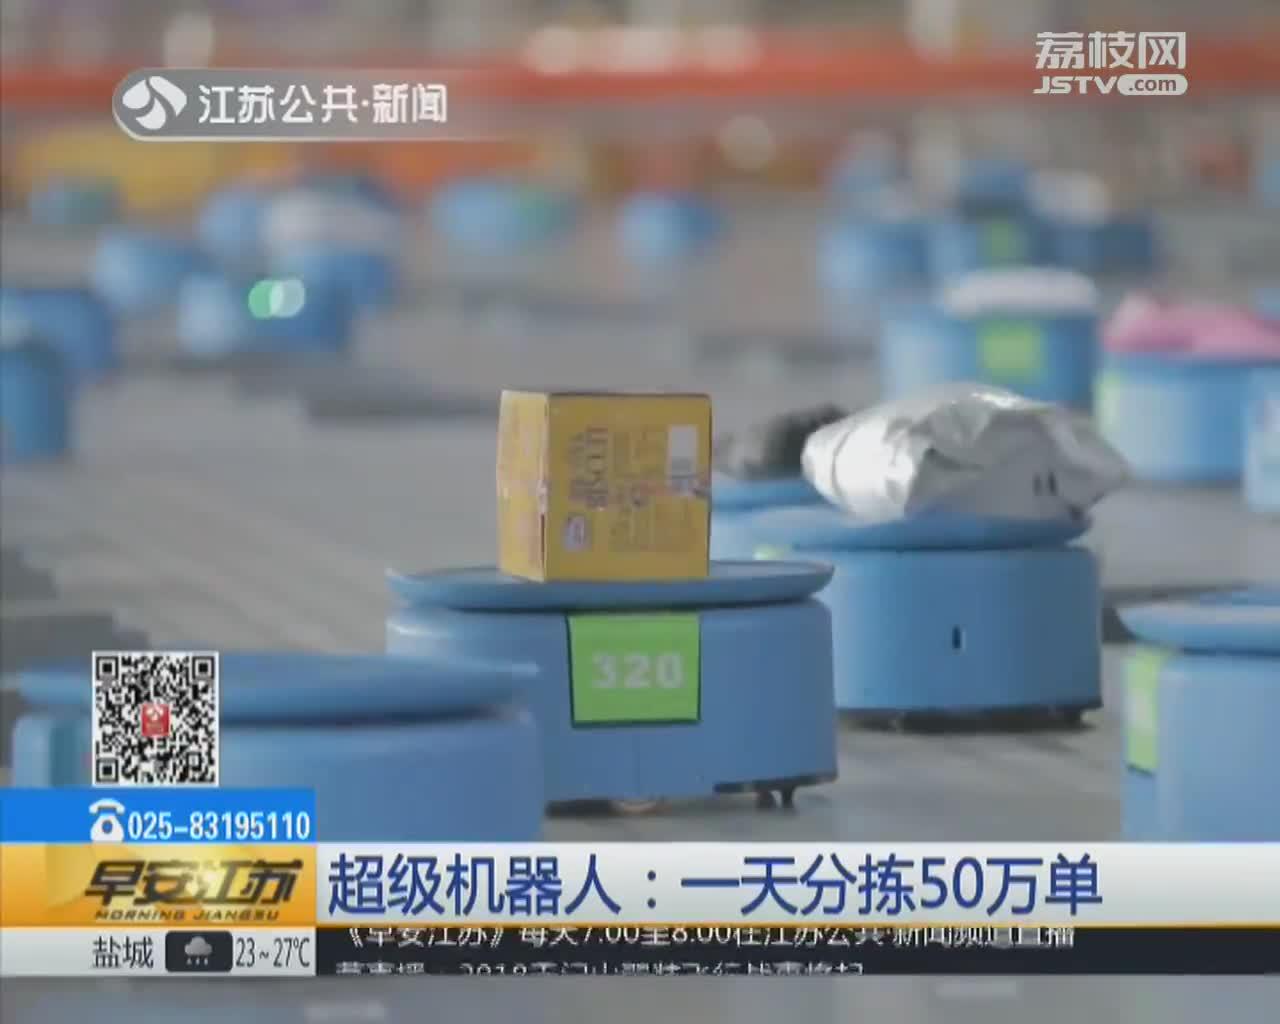 [视频]超级机器人:一天分拣50万单